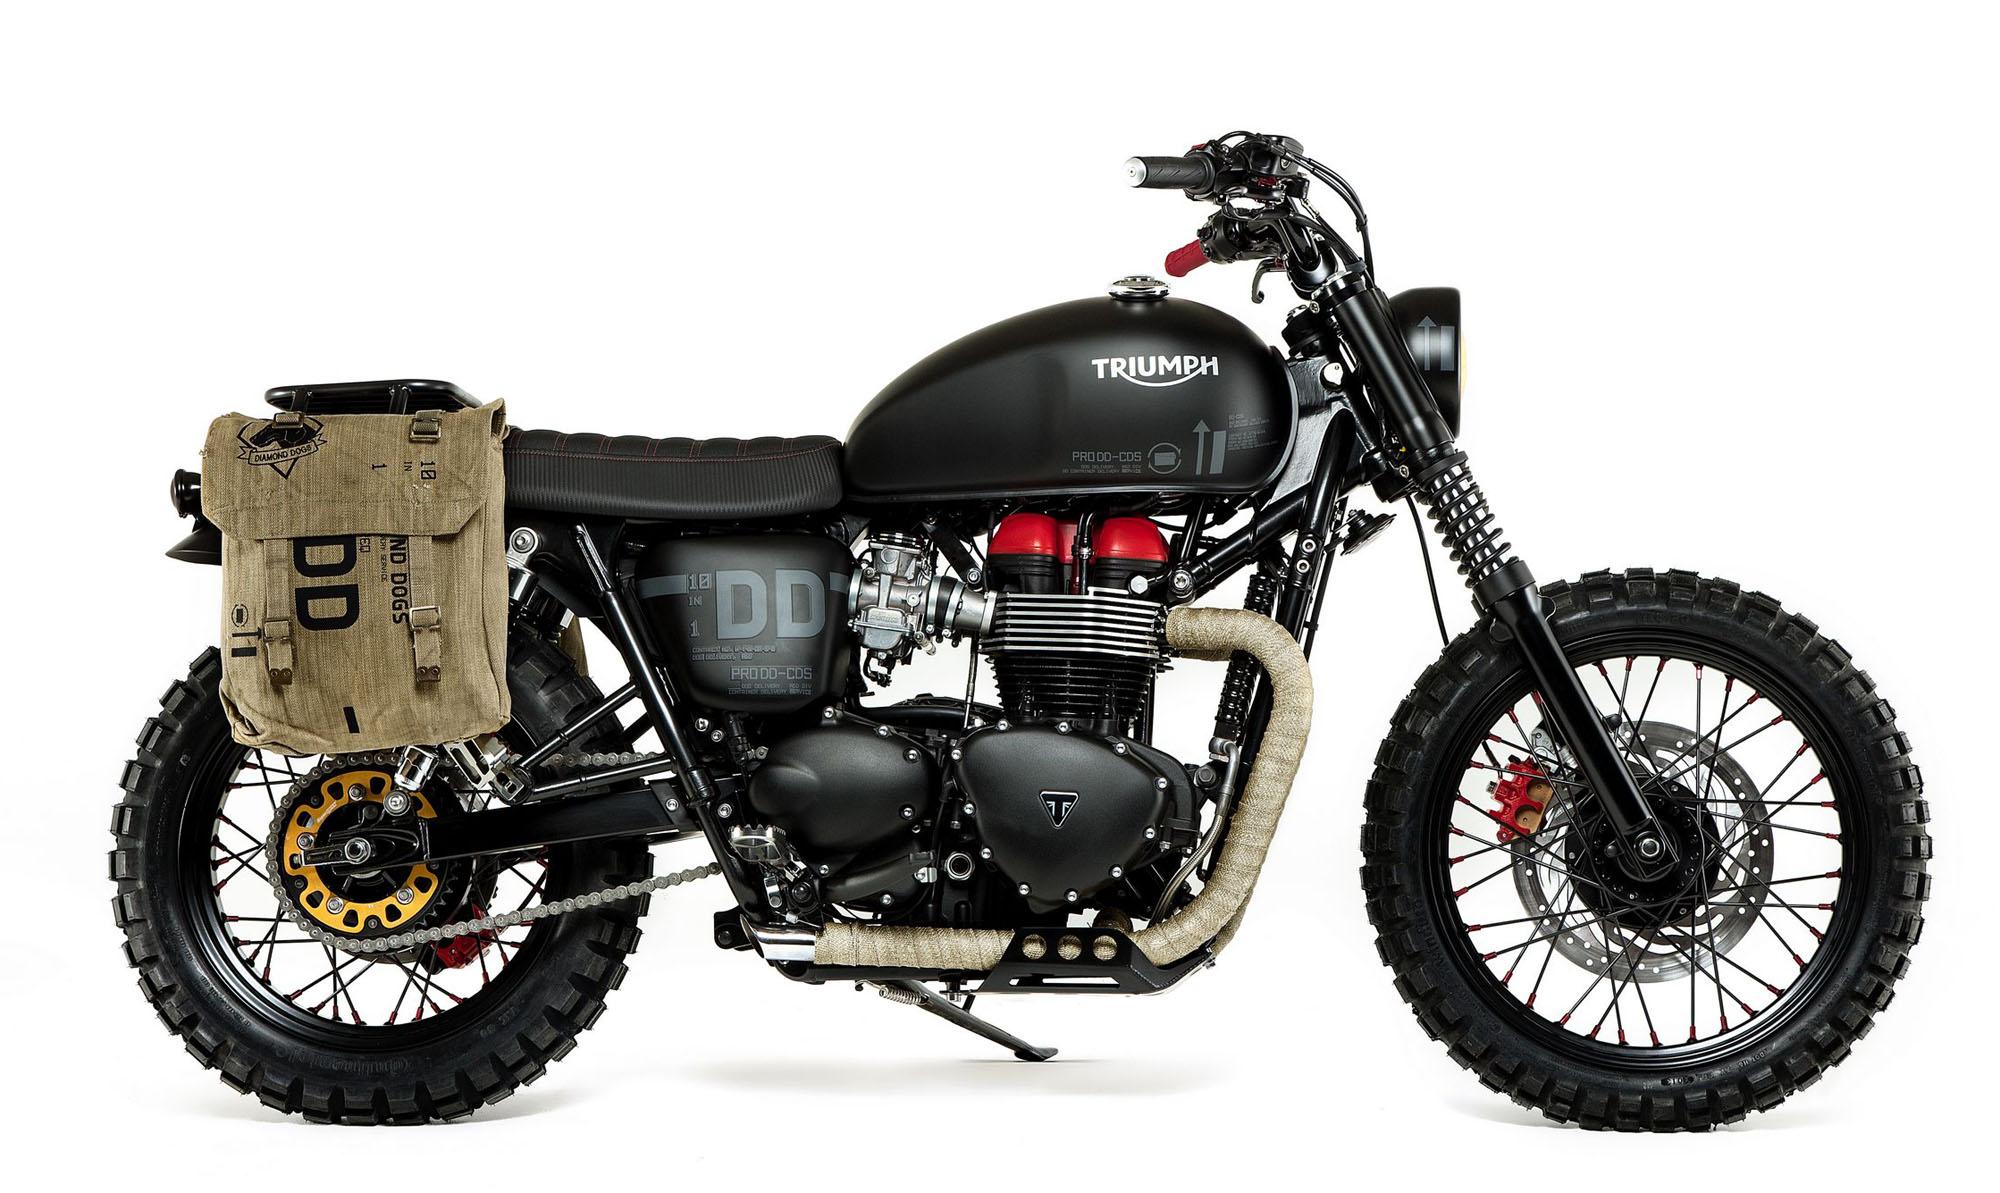 浅谈摩托车常用传动方式的优缺点